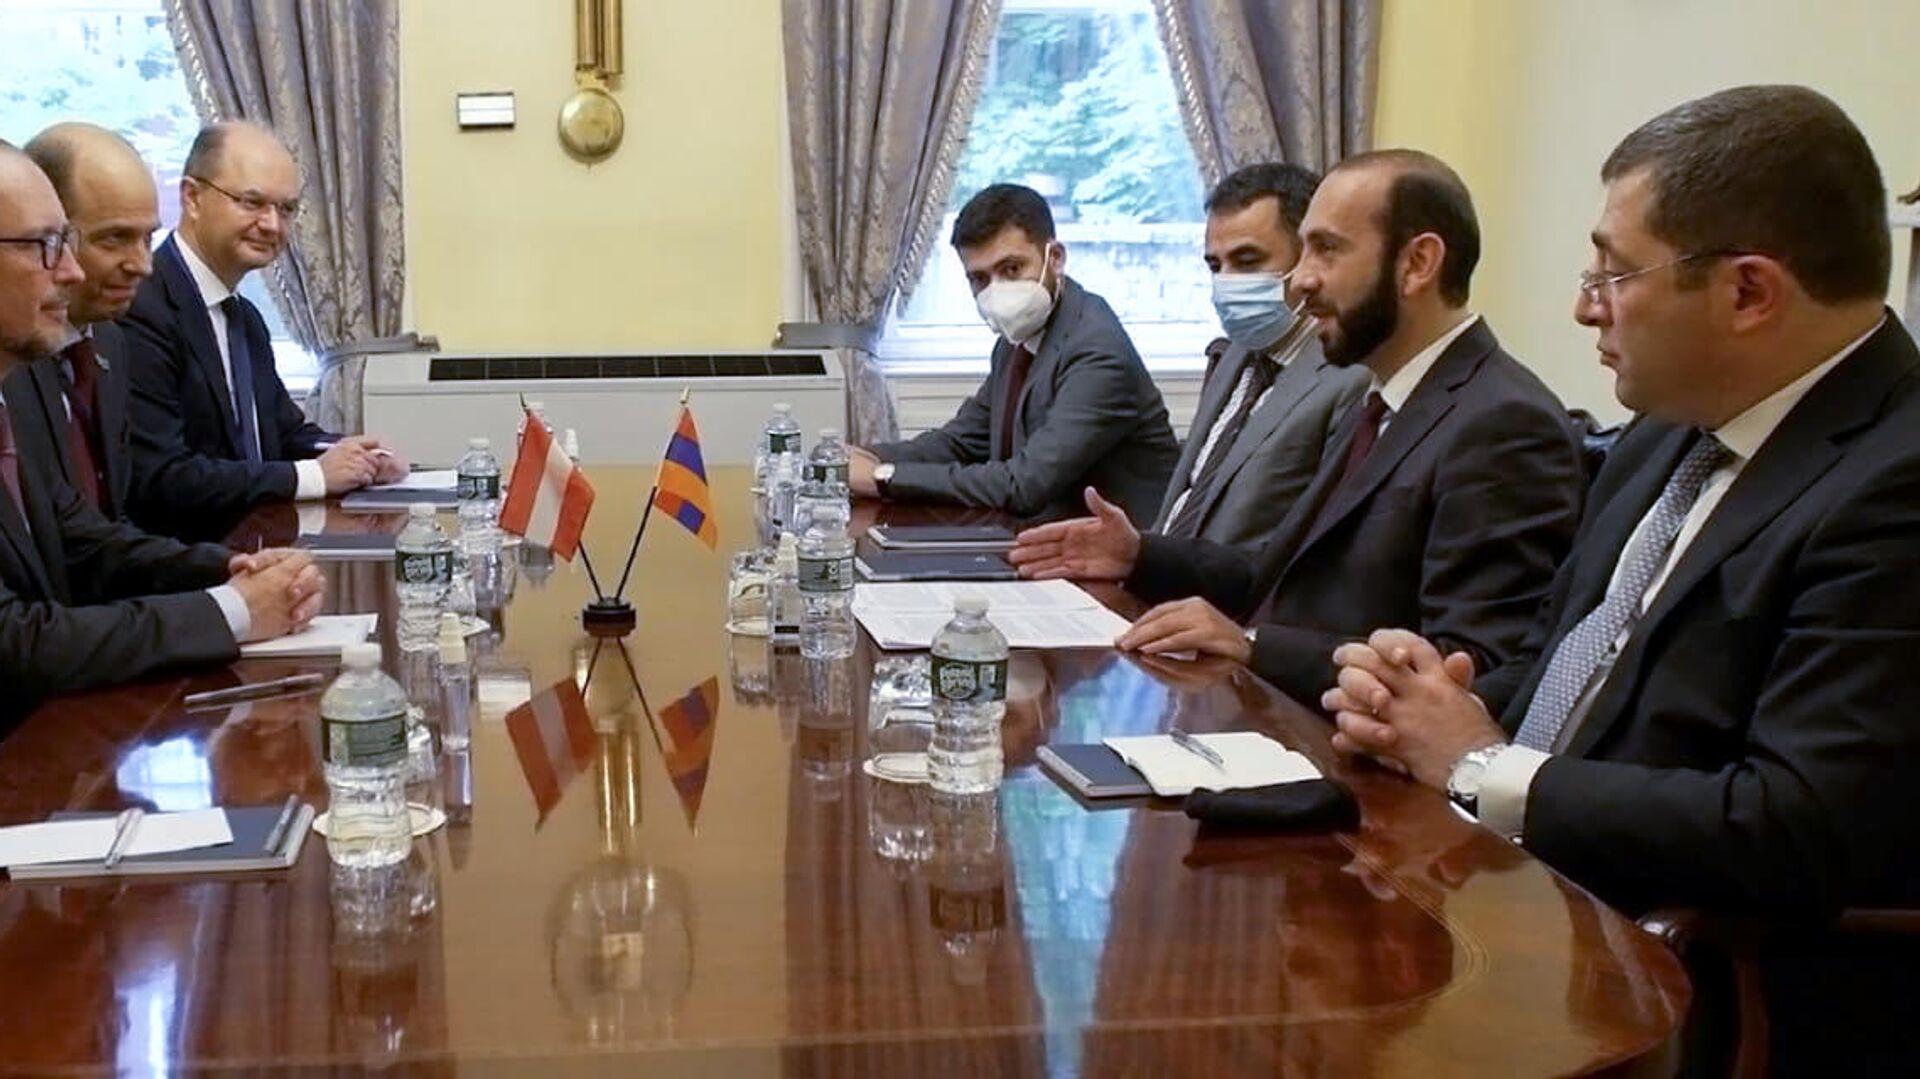 Встреча глав МИД Армении и Австрии Арарата Мирзояна и Александра Шаленберга (22 сентября 2021). Нью-Йорк - Sputnik Армения, 1920, 22.09.2021